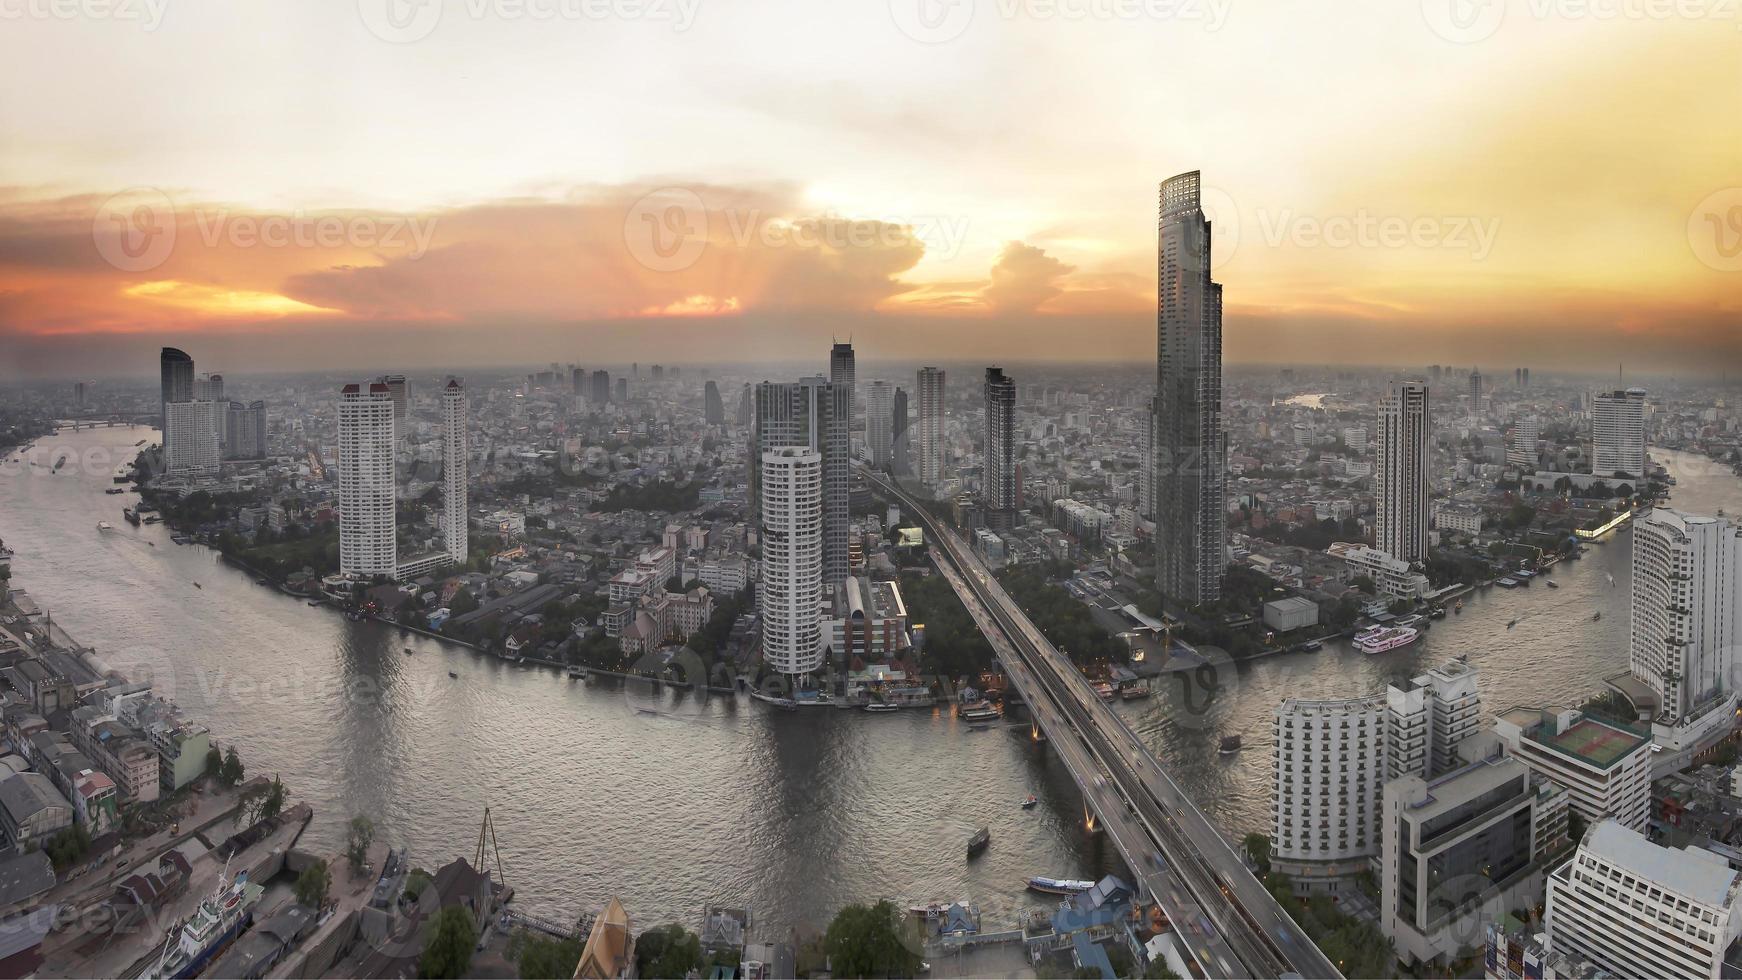 vue aérienne de bangkok soir sur les gratte-ciel du centre-ville. photo